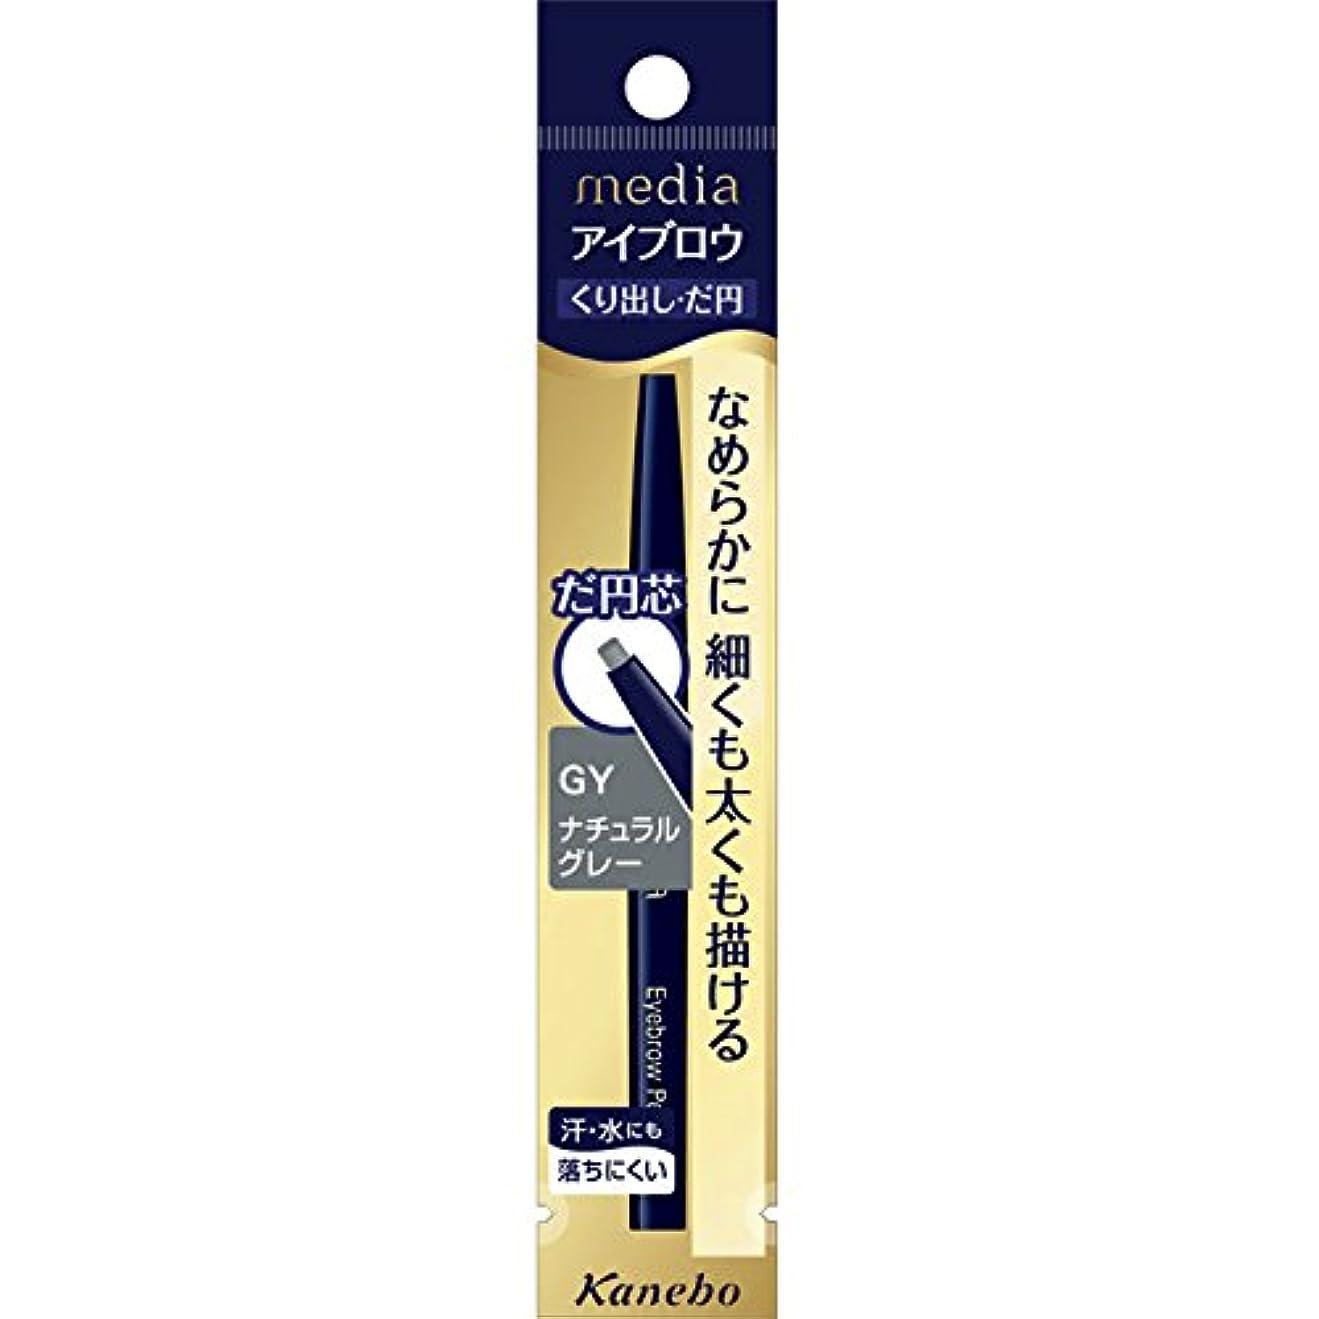 狂った使役同化する【カネボウ】 メディア アイブロウペンシルAA(だ円) GY